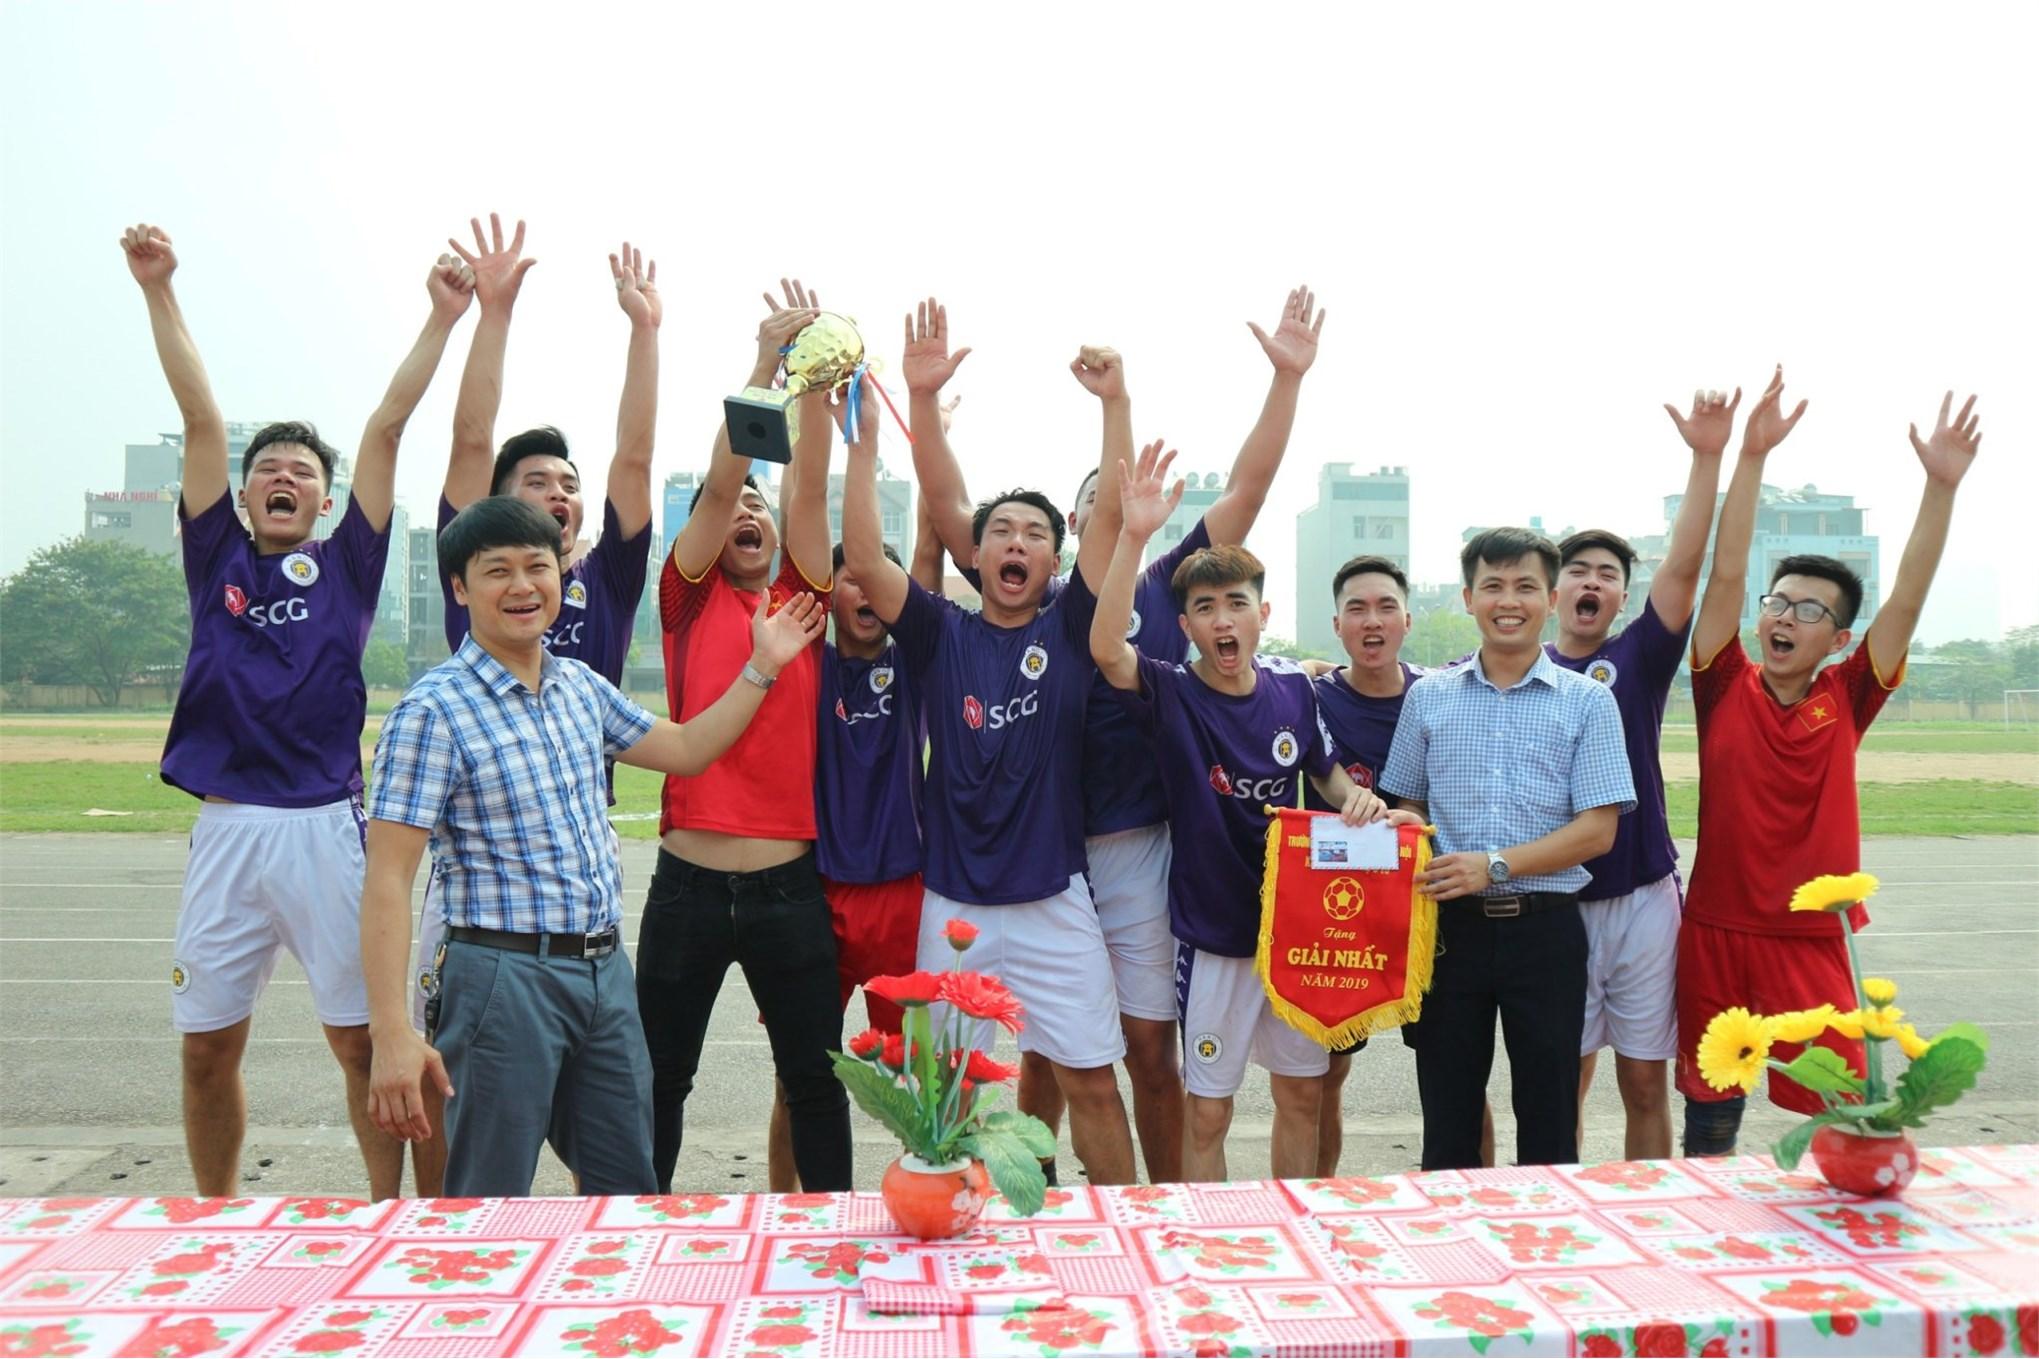 TS. Nguyễn Anh Ngọc trao giải nhất cho đội tuyển ĐHO5K11